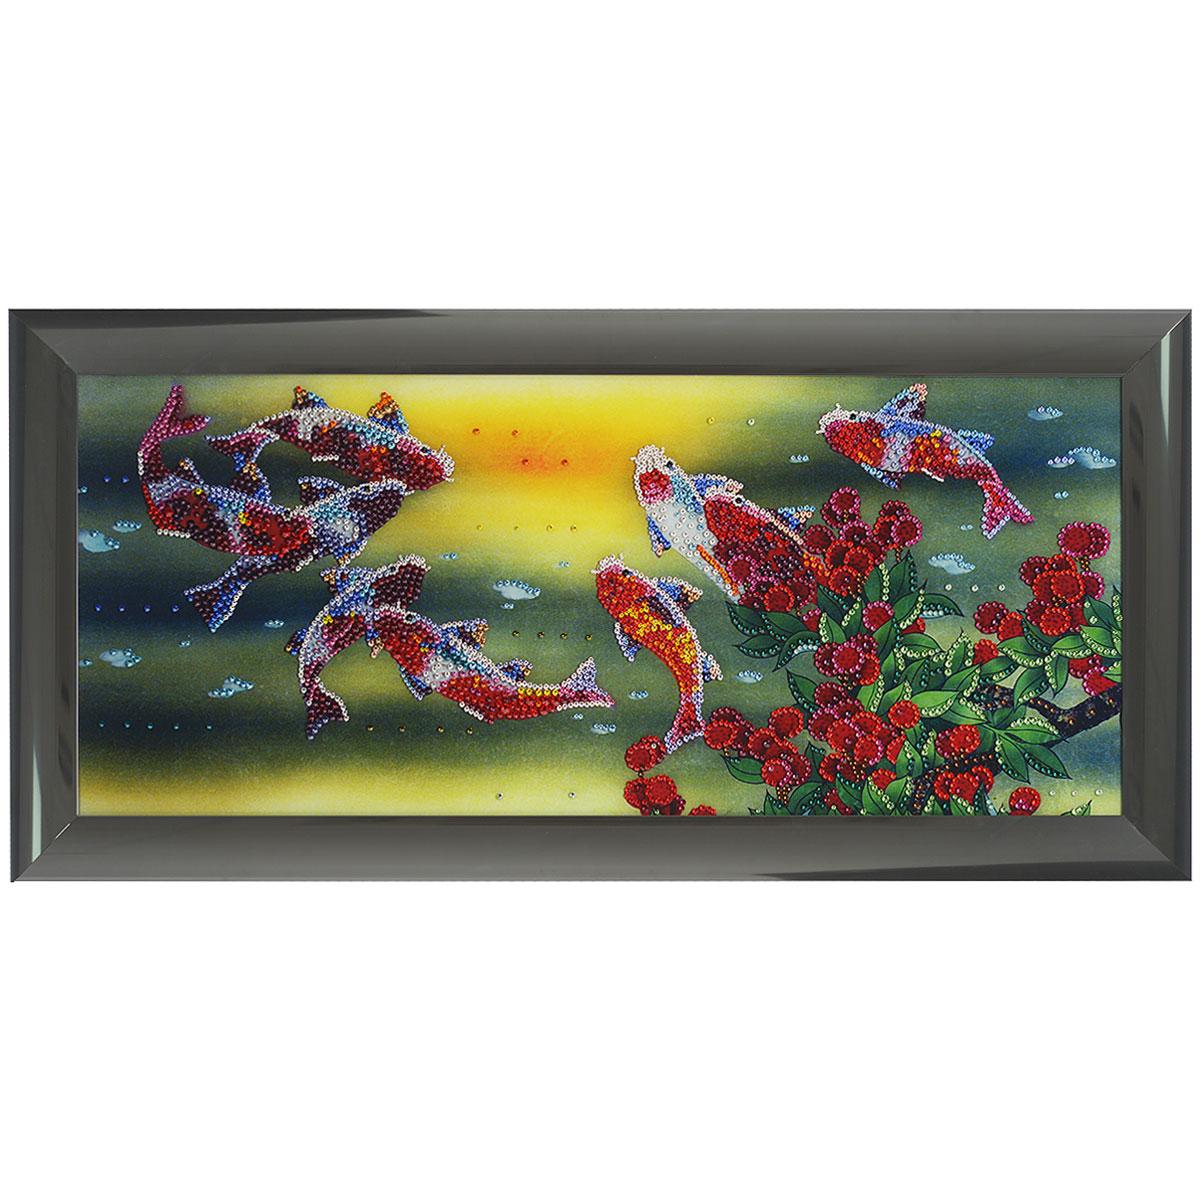 Картина с кристаллами Swarovski Рыбы Тай, 77,5 см х 37,5 см1435Изящная картина в алюминиевой раме Рыбы Тай инкрустирована кристаллами Swarovski, которые отличаются четкой и ровной огранкой, ярким блеском и чистотой цвета. Идеально подобранная палитра кристаллов прекрасно дополняет картину. С задней стороны изделие оснащено специальной металлической петелькой для размещения на стене. Картина с кристаллами Swarovski элегантно украсит интерьер дома, а также станет прекрасным подарком, который обязательно понравится получателю. Блеск кристаллов в интерьере - что может быть сказочнее и удивительнее. Изделие упаковано в подарочную картонную коробку синего цвета и комплектуется сертификатом соответствия Swarovski. Размер картины: 77,5 см х 37,5 см.Количество кристаллов: 3906 шт.